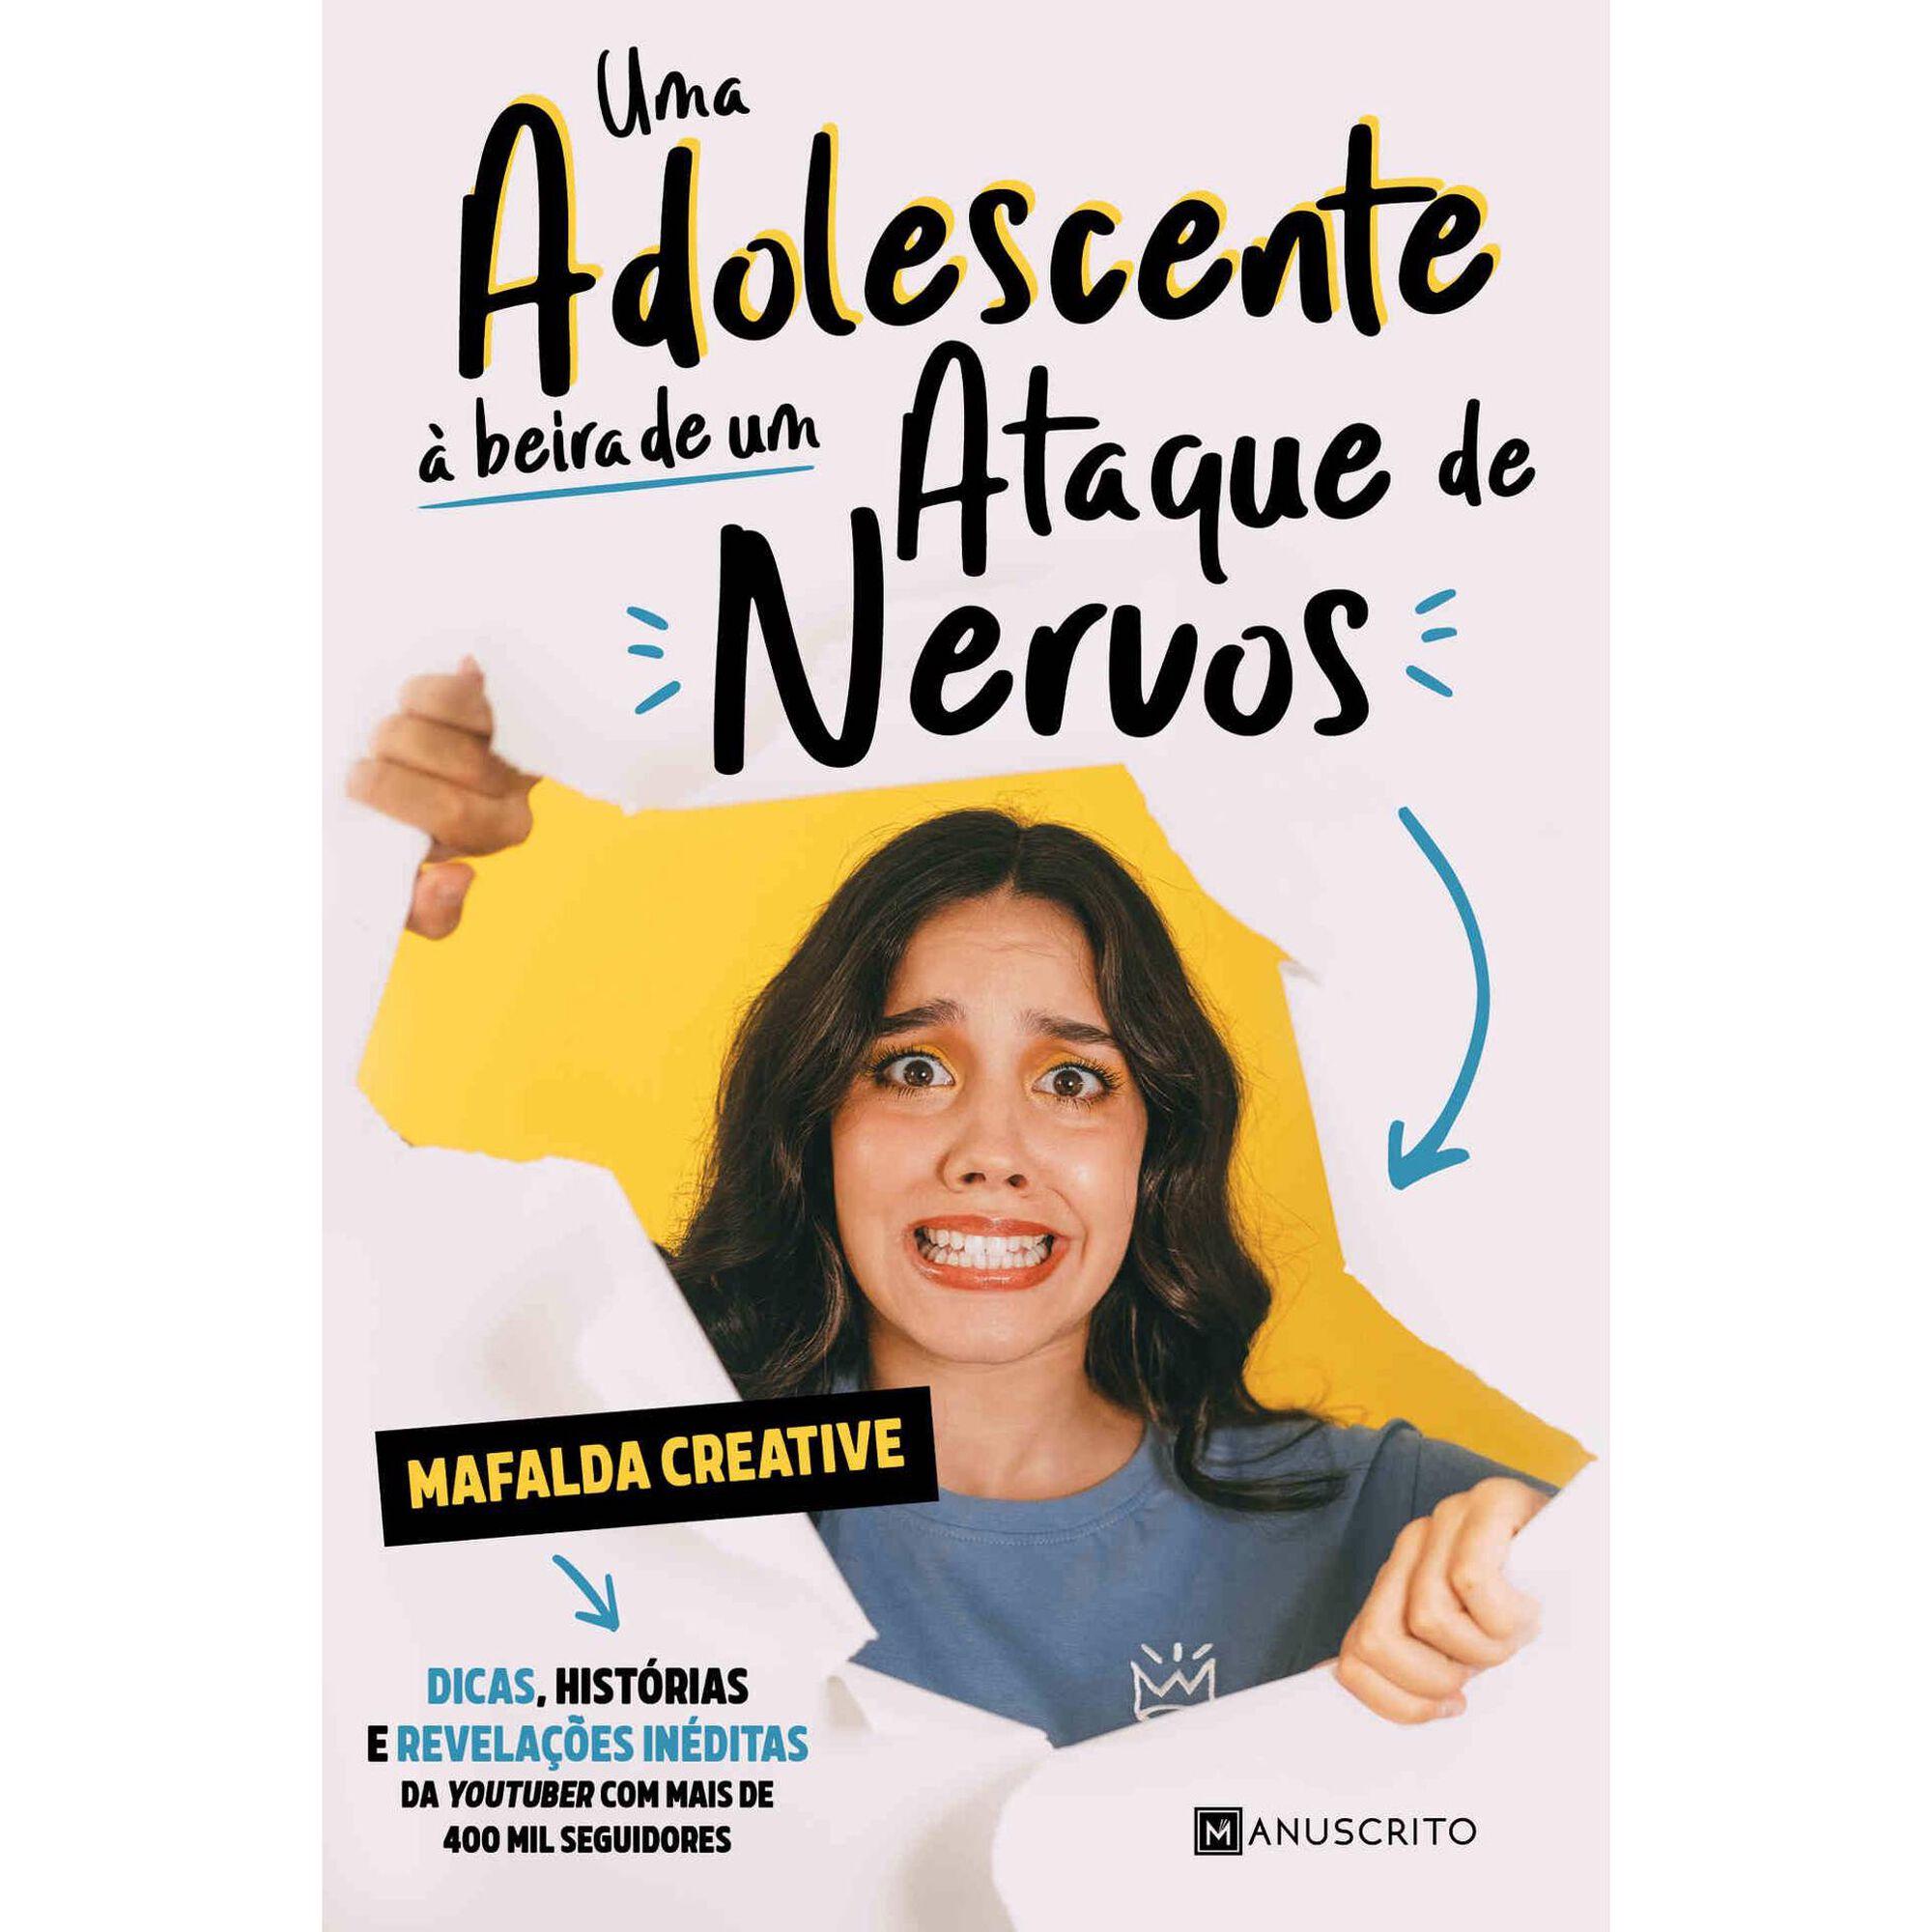 Uma Adolescente à Beira de um Ataque de Nervos